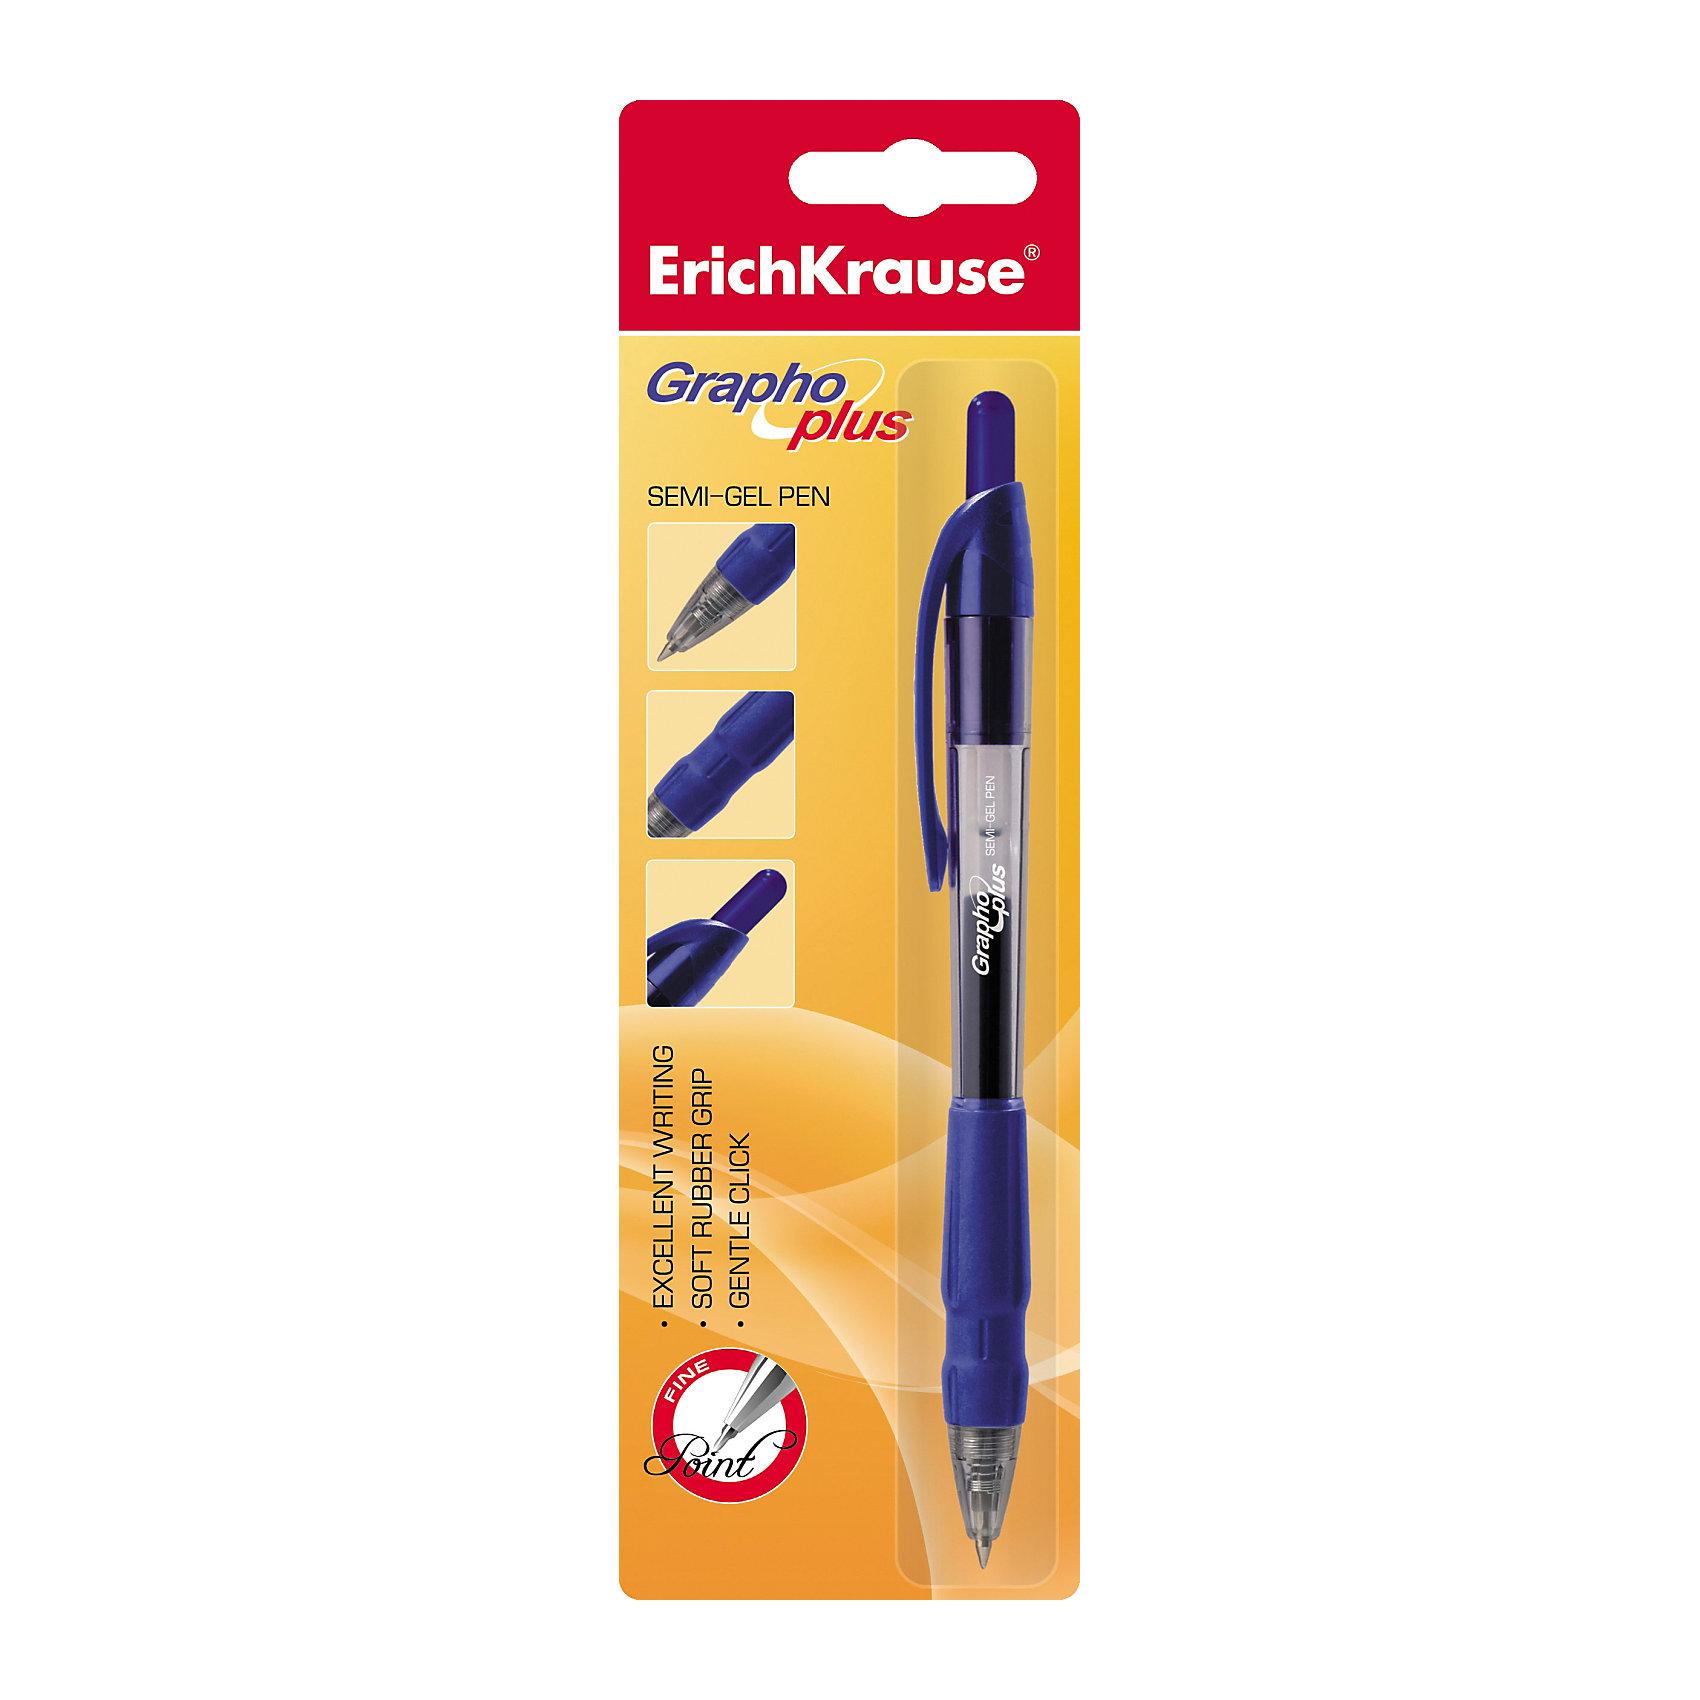 Ручка шариковая автоматическая GRAPHO PLUS, Erich KrauseПисьменные принадлежности<br>Ручка шариковая автоматическая GRAPHO PLUS, Erich Krause (Эрих Краузе). <br><br>Характеристика: <br><br>• Материал: пластик.<br>• Толщина линии: 0.3±0.02 мм.<br>• Длина стержня: 11,7 см.<br>• Пишущий узел: 0,5 мм.<br>• Цвет чернил: синий.<br>• Чернила на масляной основе. <br>• Сменный стержень.<br>• Удобная резиновая накладка. <br>• Прозрачный корпус позволяет контролировать уровень расхода чернил. <br><br>Автоматическая шариковая ручка «Grapho Plus» имеет удобную резиновую накладку и полупрозрачный стержень. Особый состав чернил обеспечивает тонкость линий и высокое качество письма.<br><br>Ручку шариковую автоматическую GRAPHO PLUS, Erich Krause (Эрих Краузе), можно купить в нашем интернет-магазине.<br><br>Ширина мм: 60<br>Глубина мм: 210<br>Высота мм: 15<br>Вес г: 20<br>Возраст от месяцев: 84<br>Возраст до месяцев: 2147483647<br>Пол: Унисекс<br>Возраст: Детский<br>SKU: 5436319